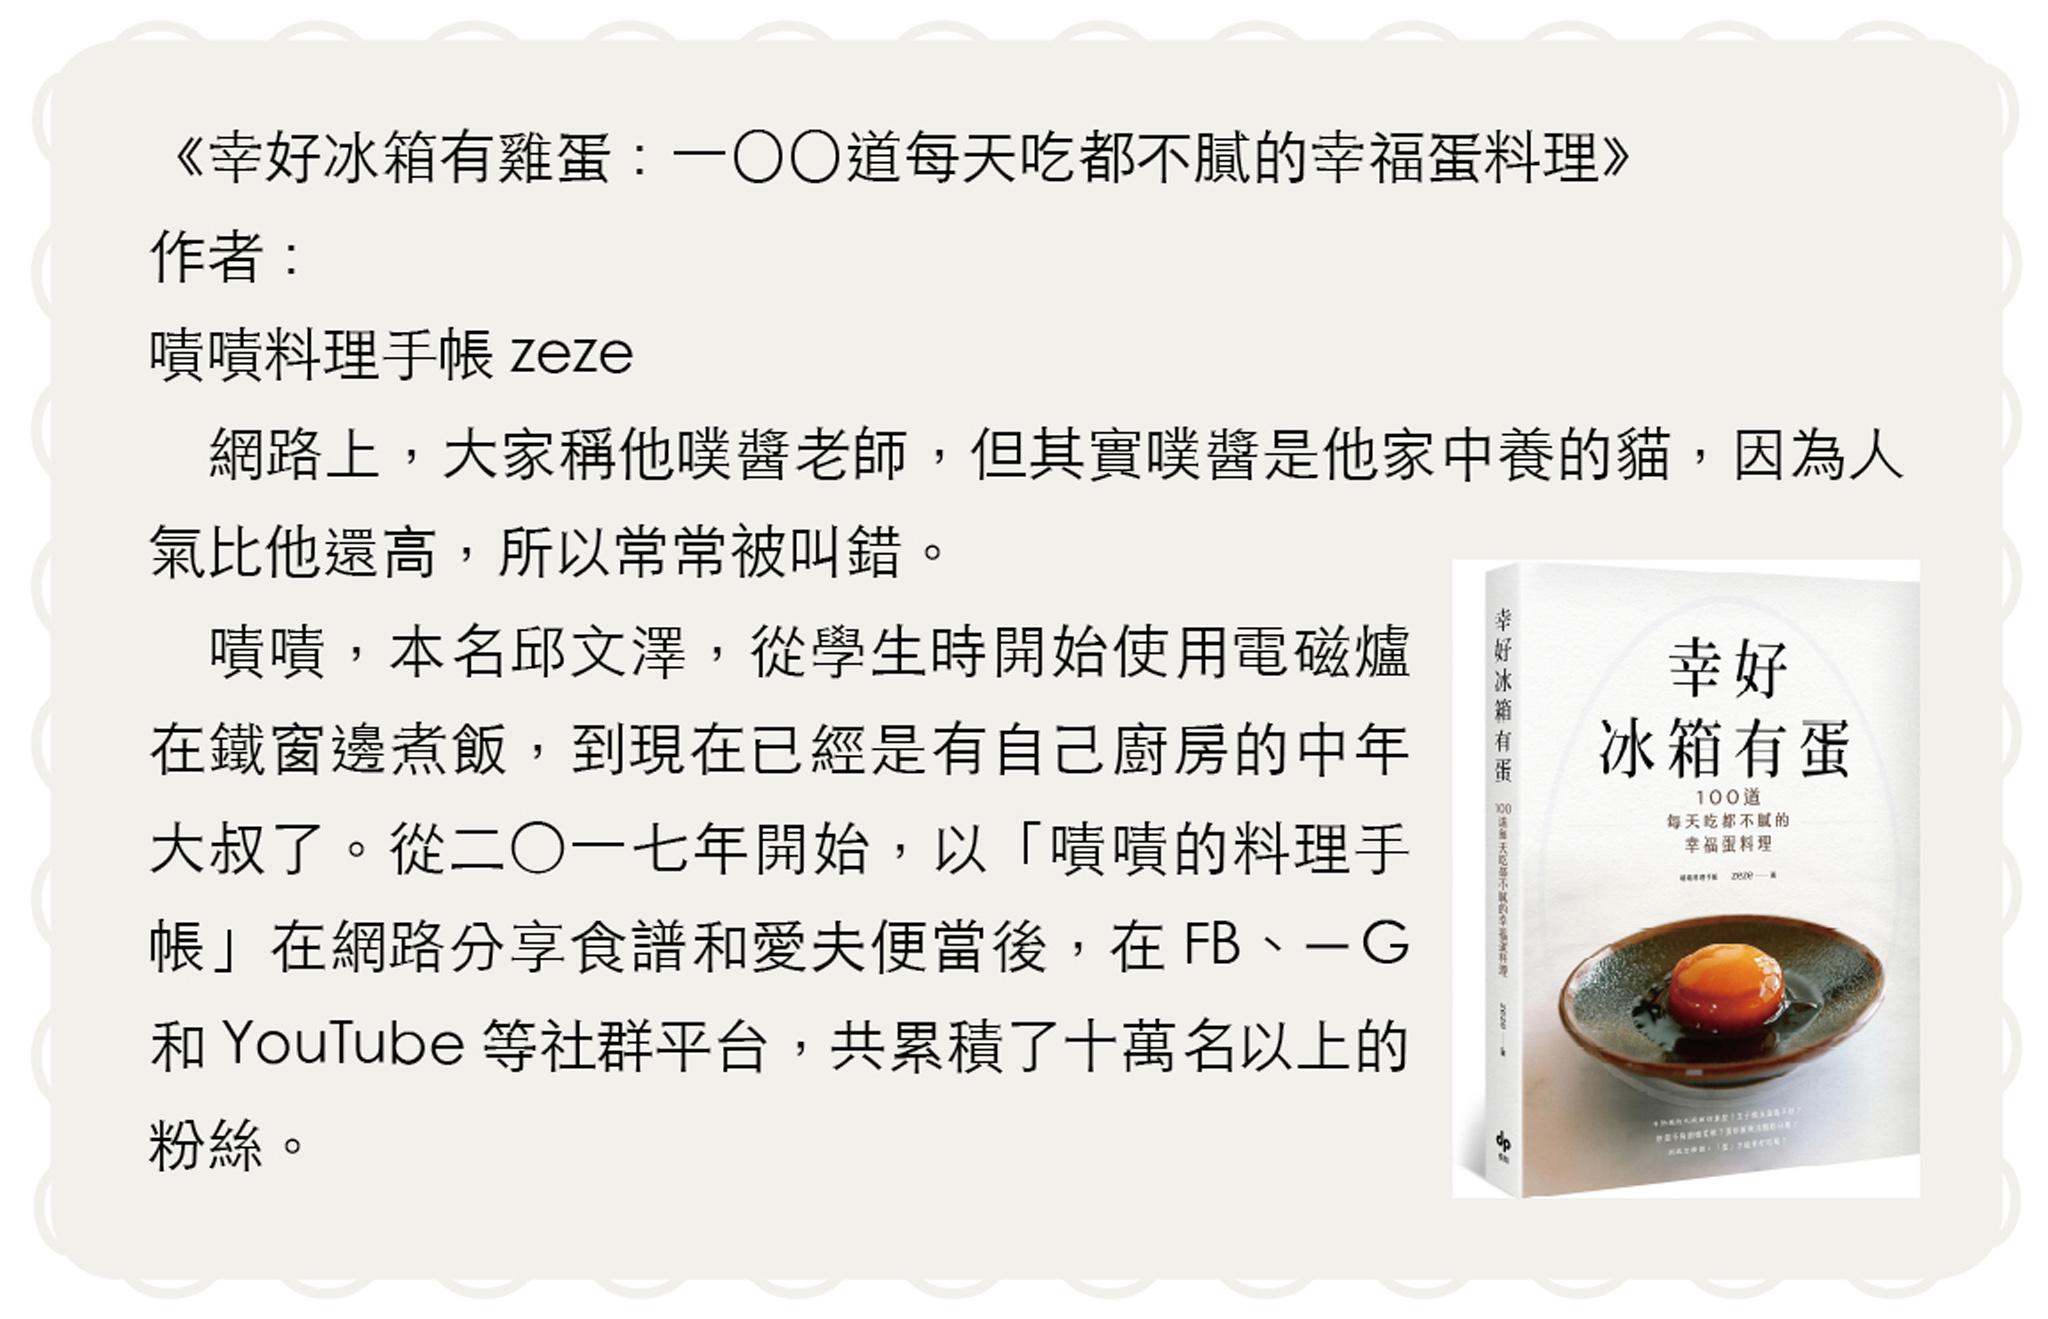 《幸好冰箱有雞蛋:一〇〇道每天吃都不膩的幸福蛋料理》作者「嘖嘖料理手帳zeze」小檔案。